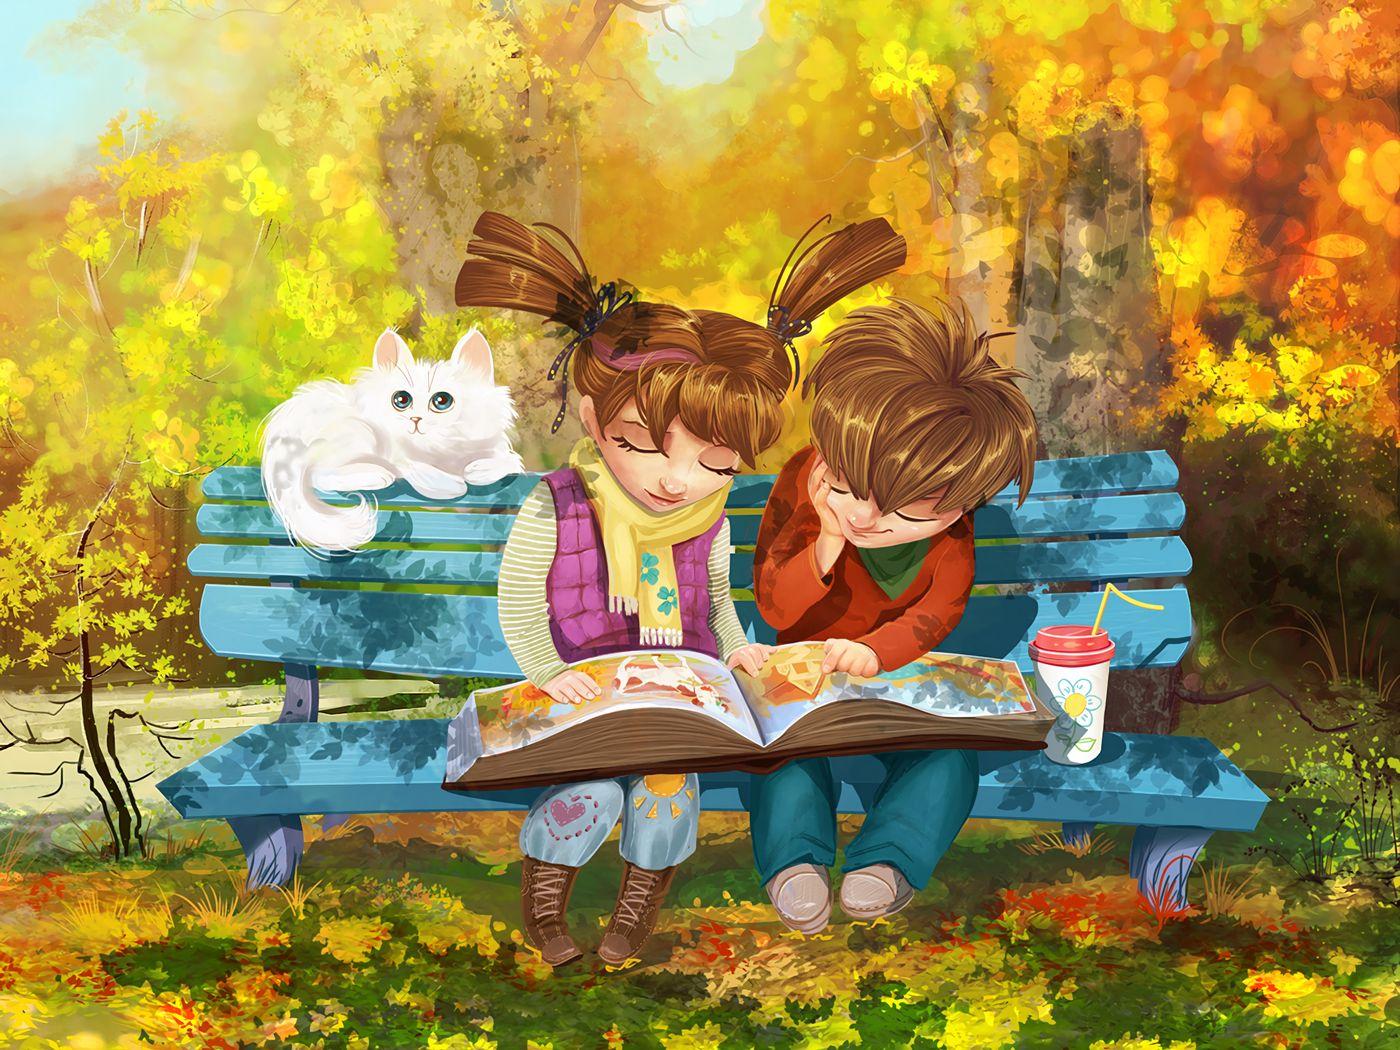 1400x1050 Wallpaper boy, girl, cat, bench, park, cute